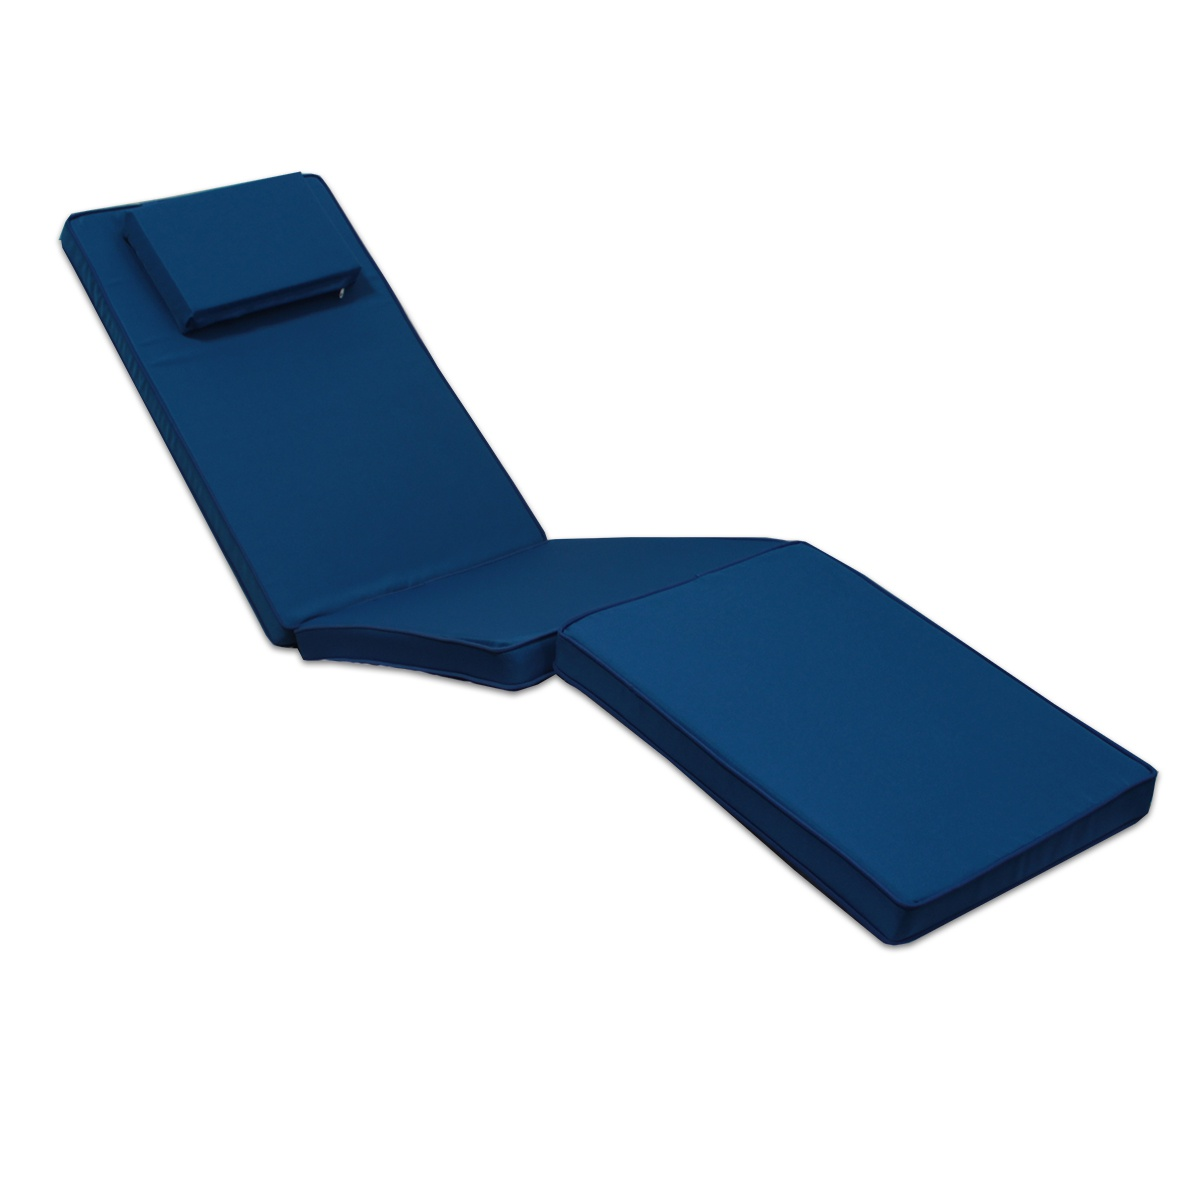 Matelas bleu marine pour chaise longue